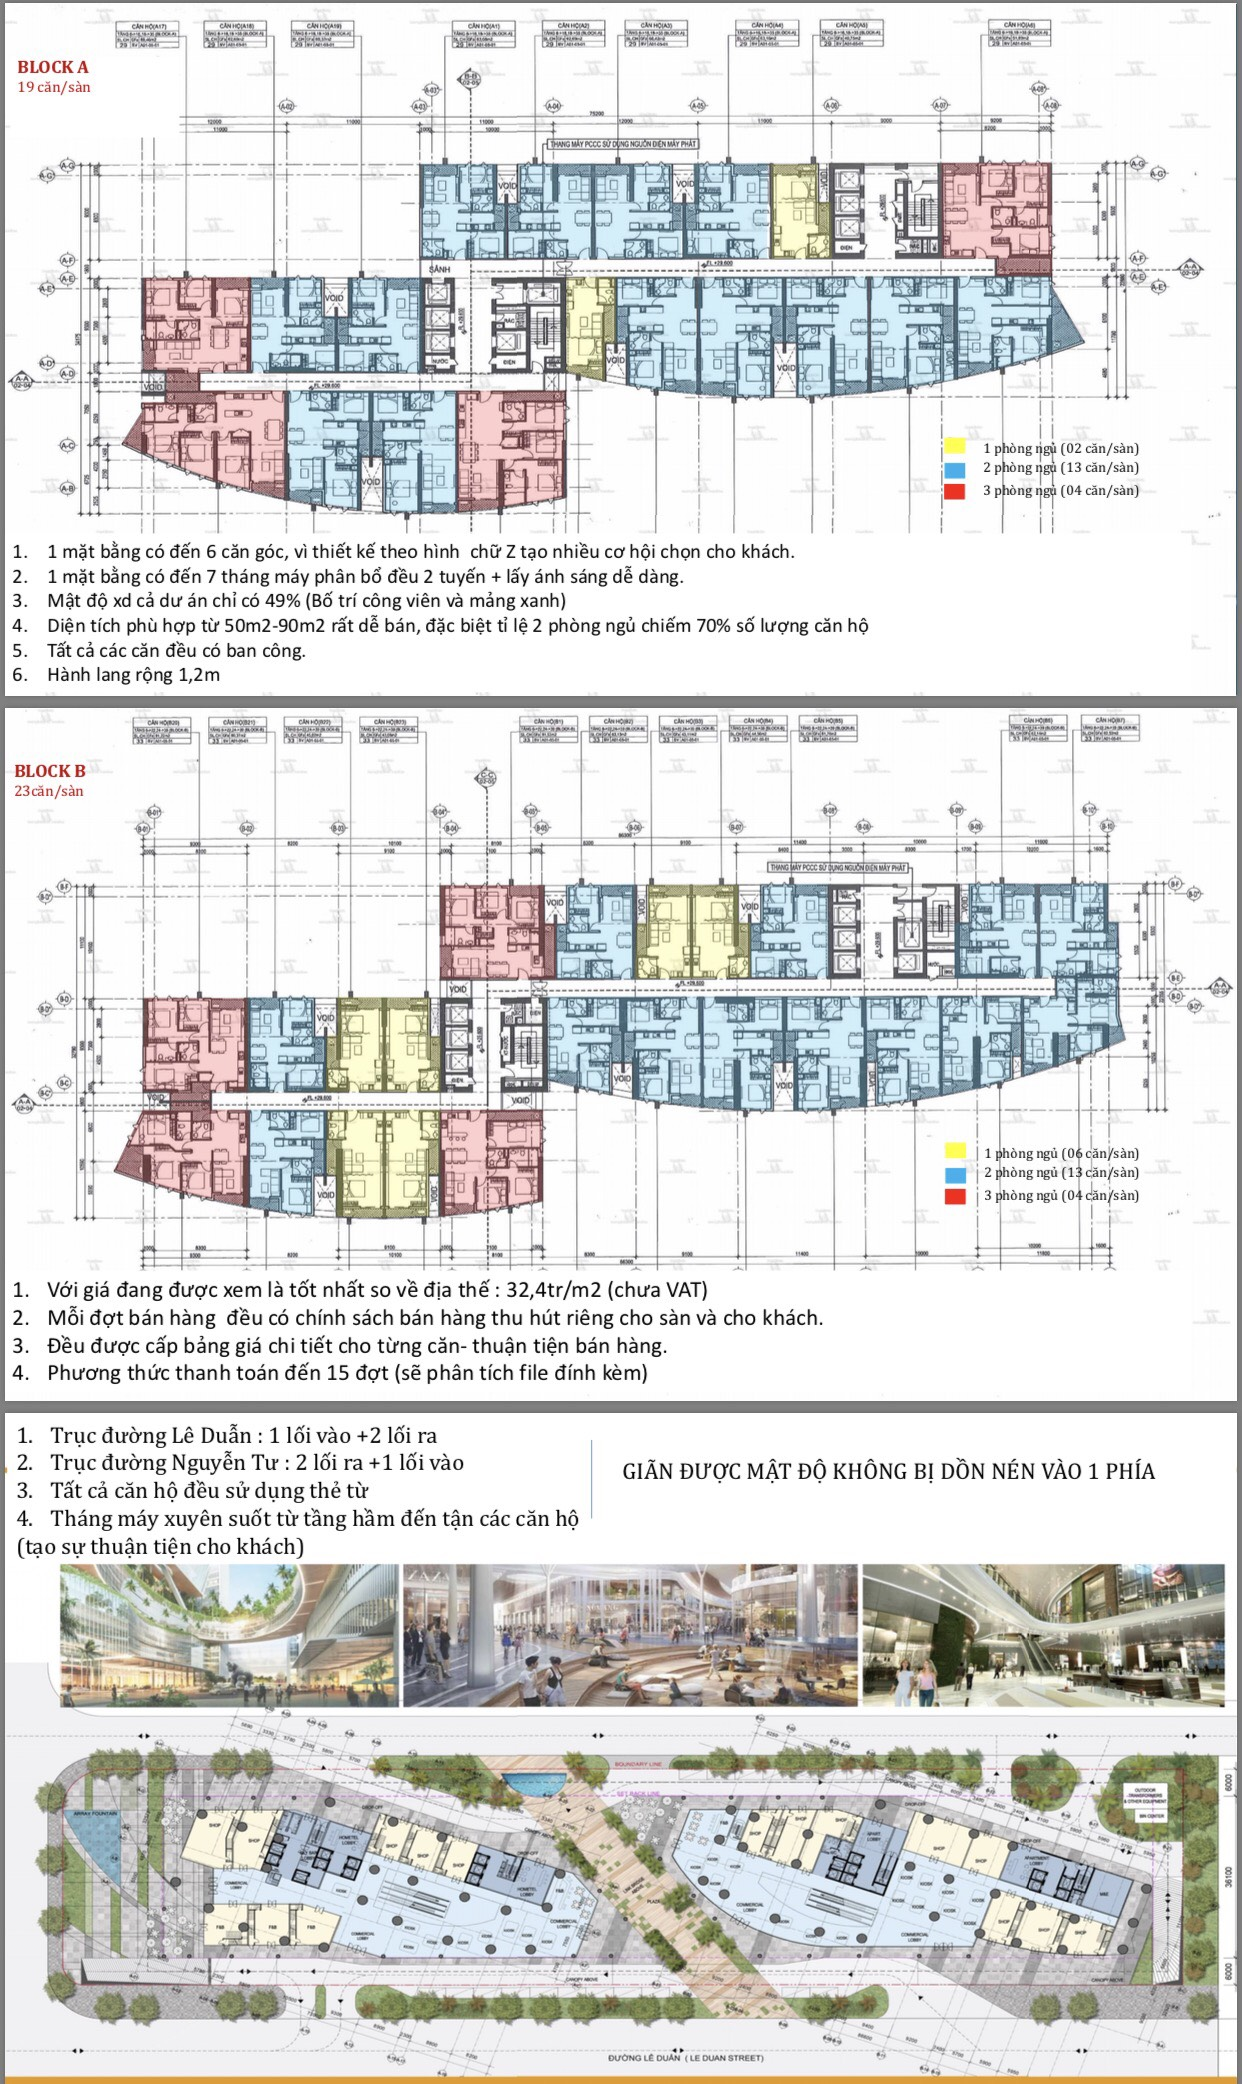 Mặt bằng căn hộ I-Tower Residences Quy Nhơn Bình Định